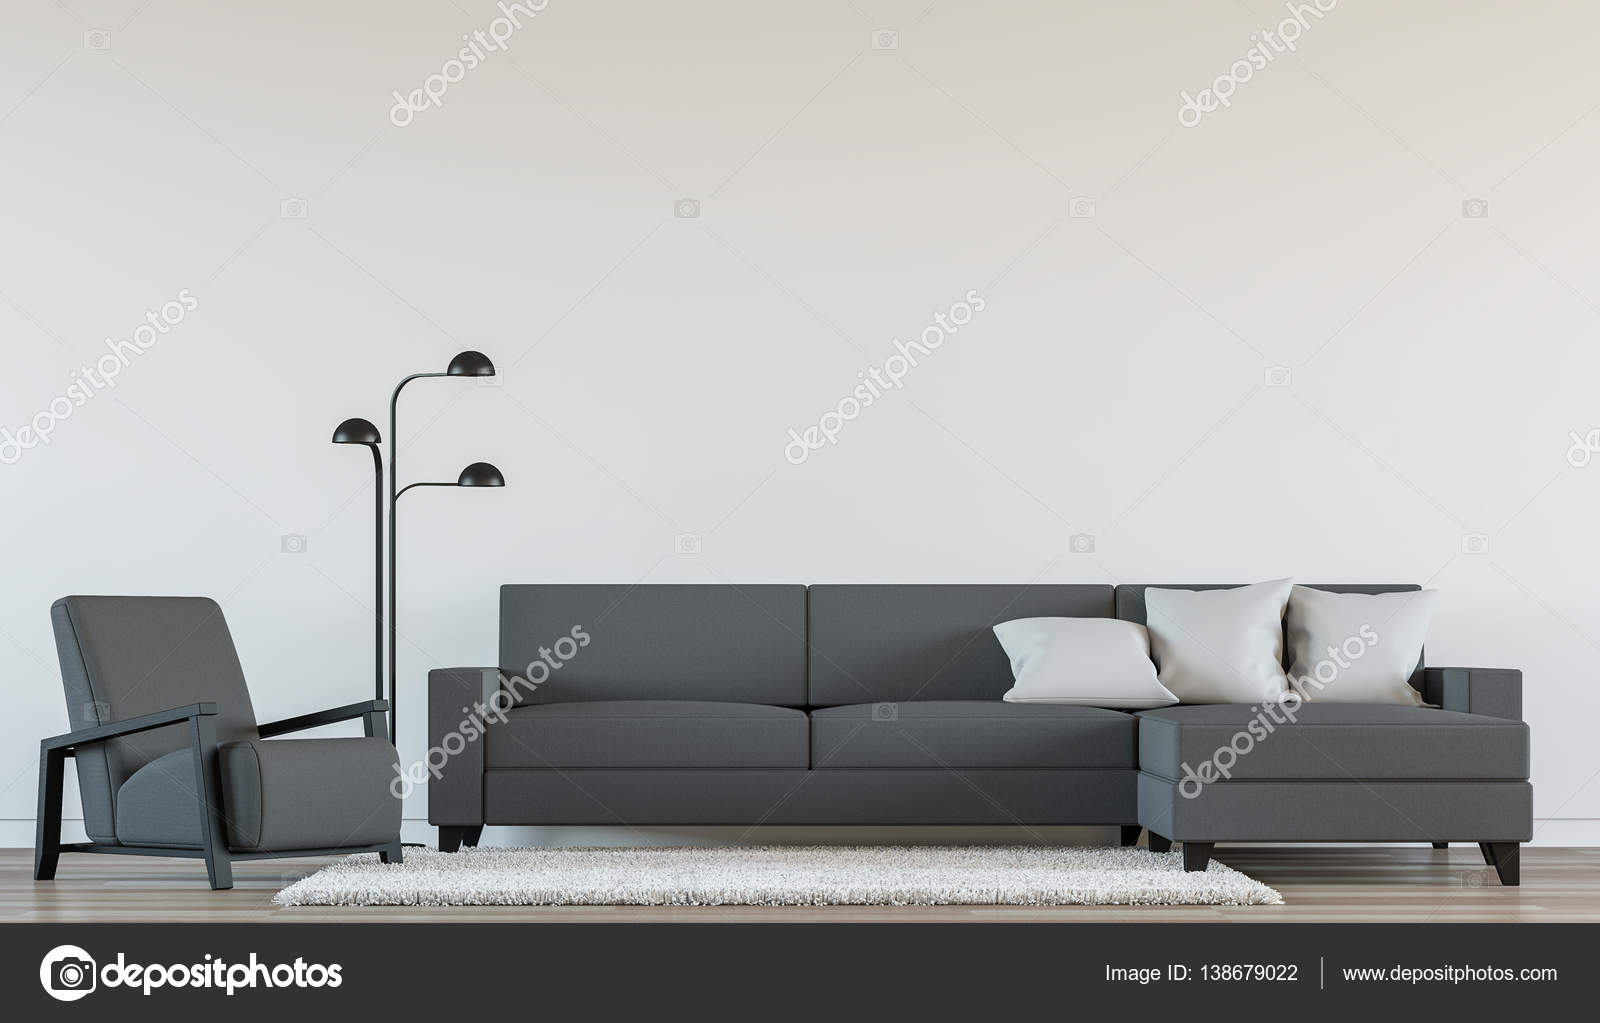 Moderna sala interior con render 3d imagen blanco y negro — Foto de ...